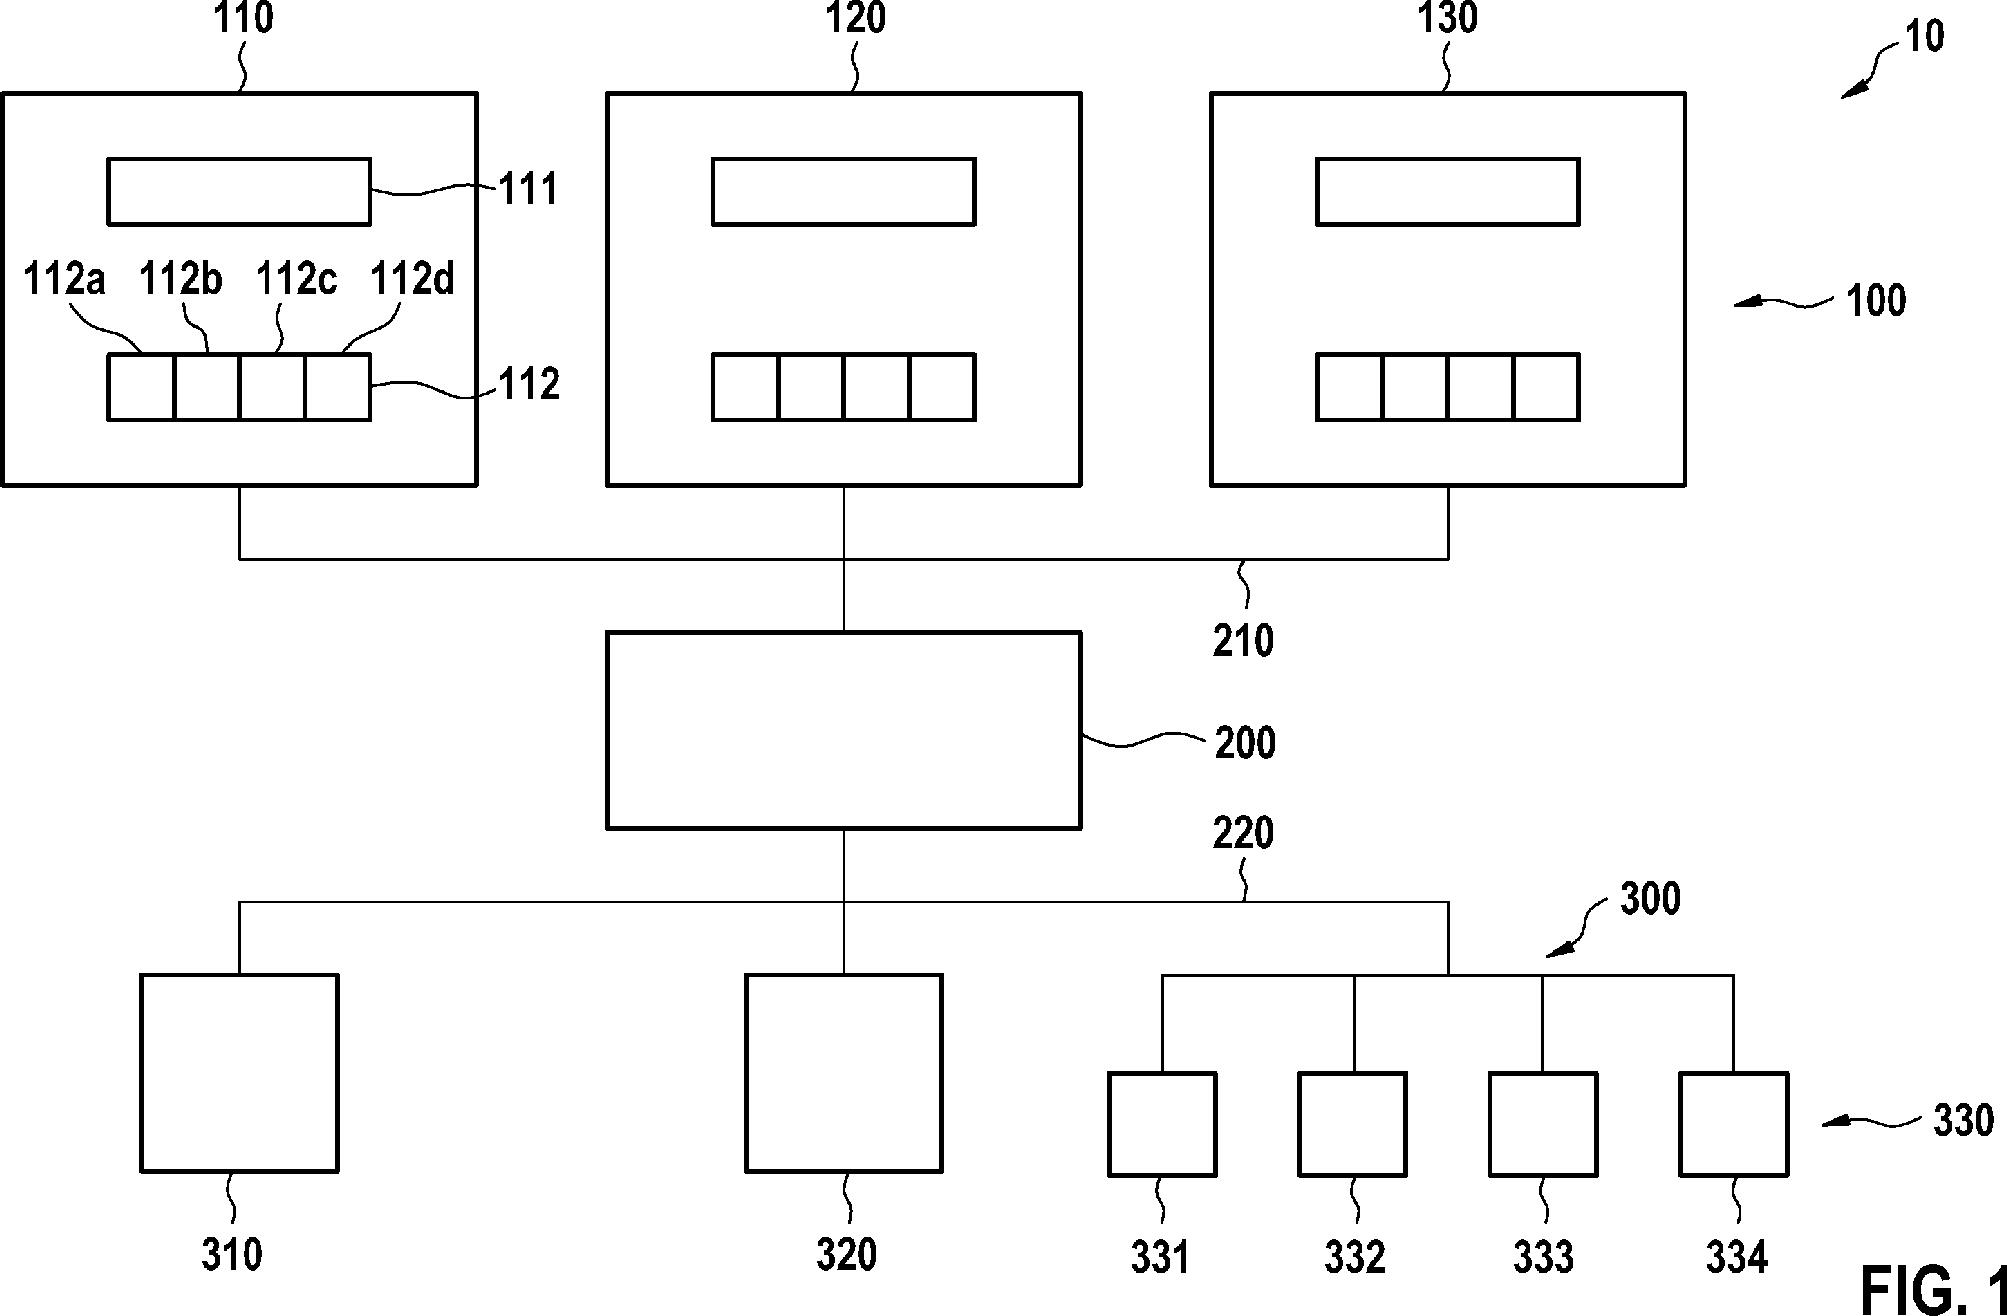 Figure DE102013224702A1_0001